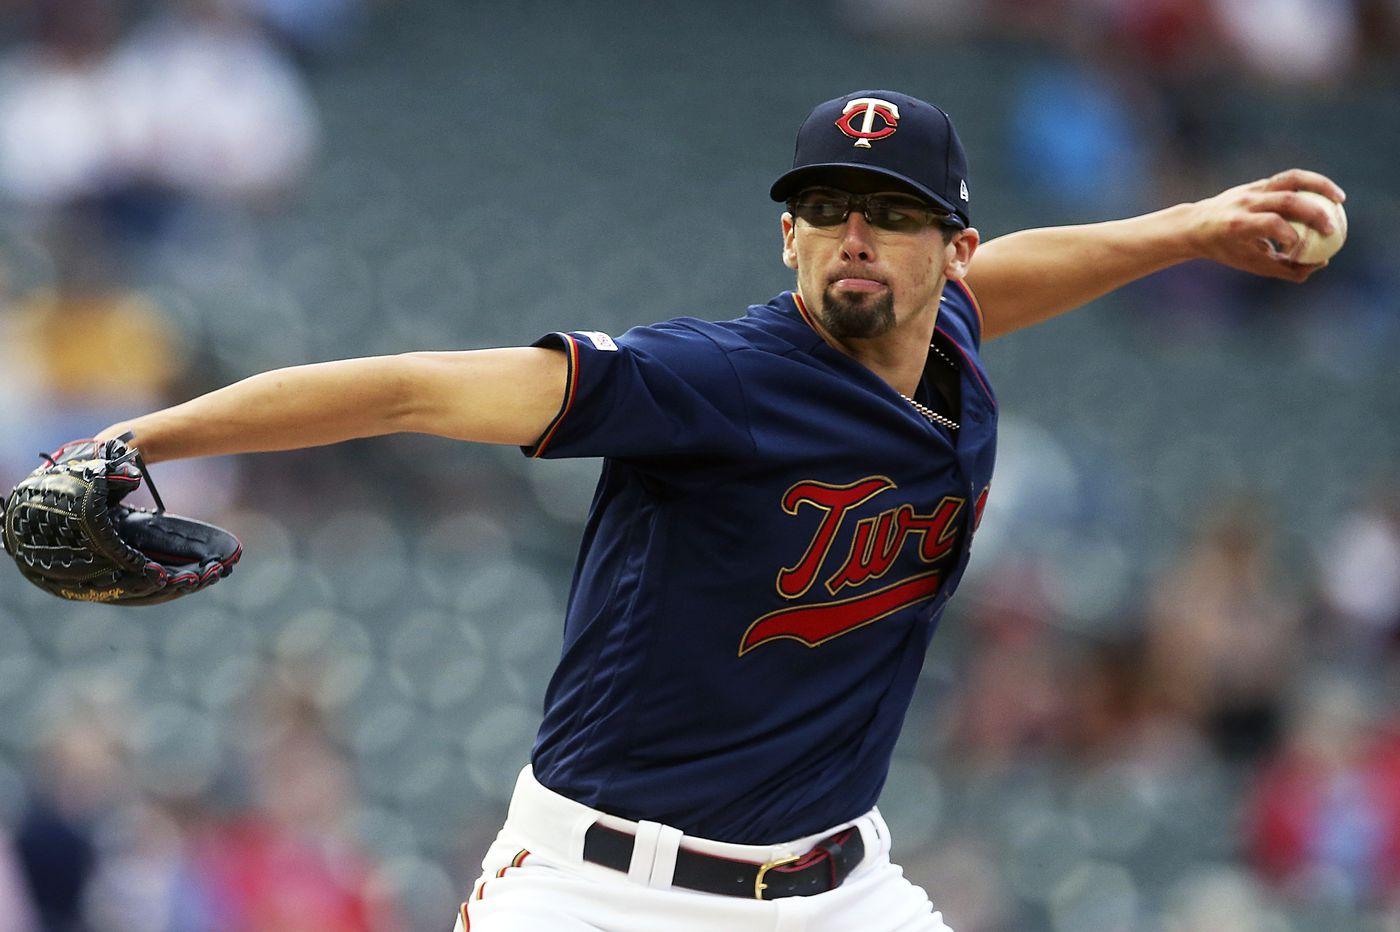 Devin Smeltzer, cancer survivor and former Bishop Eustace star, makes MLB debut with Twins